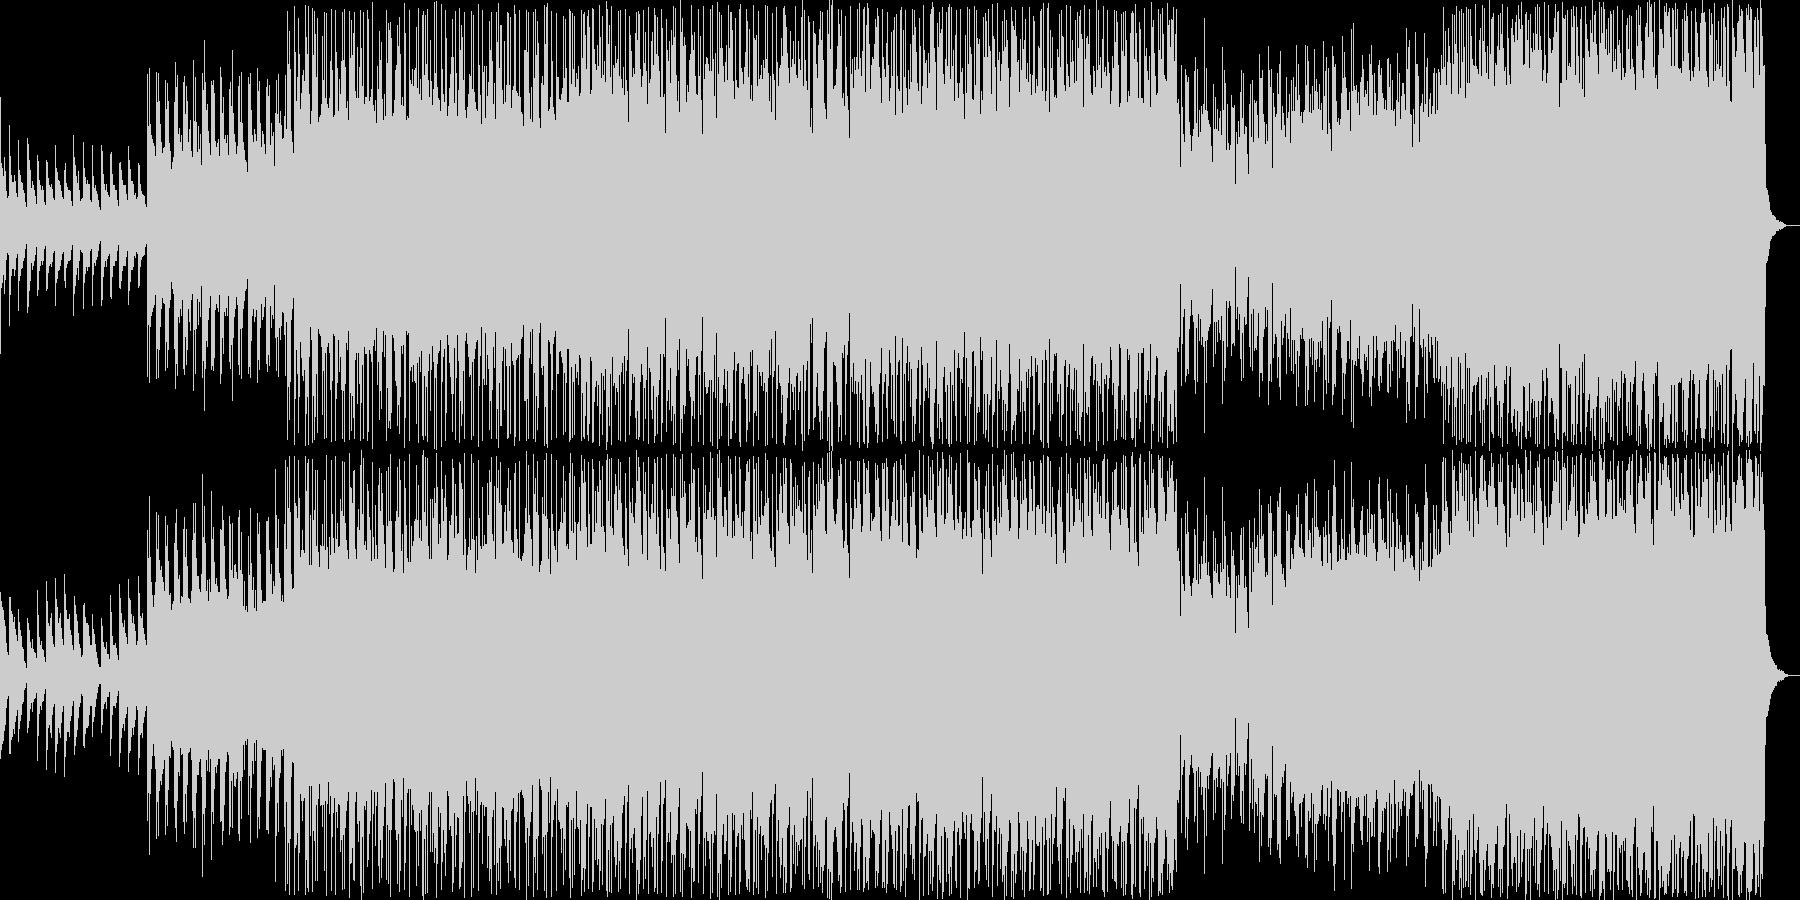 ヘヴィロック サスペンス 説明的 ...の未再生の波形